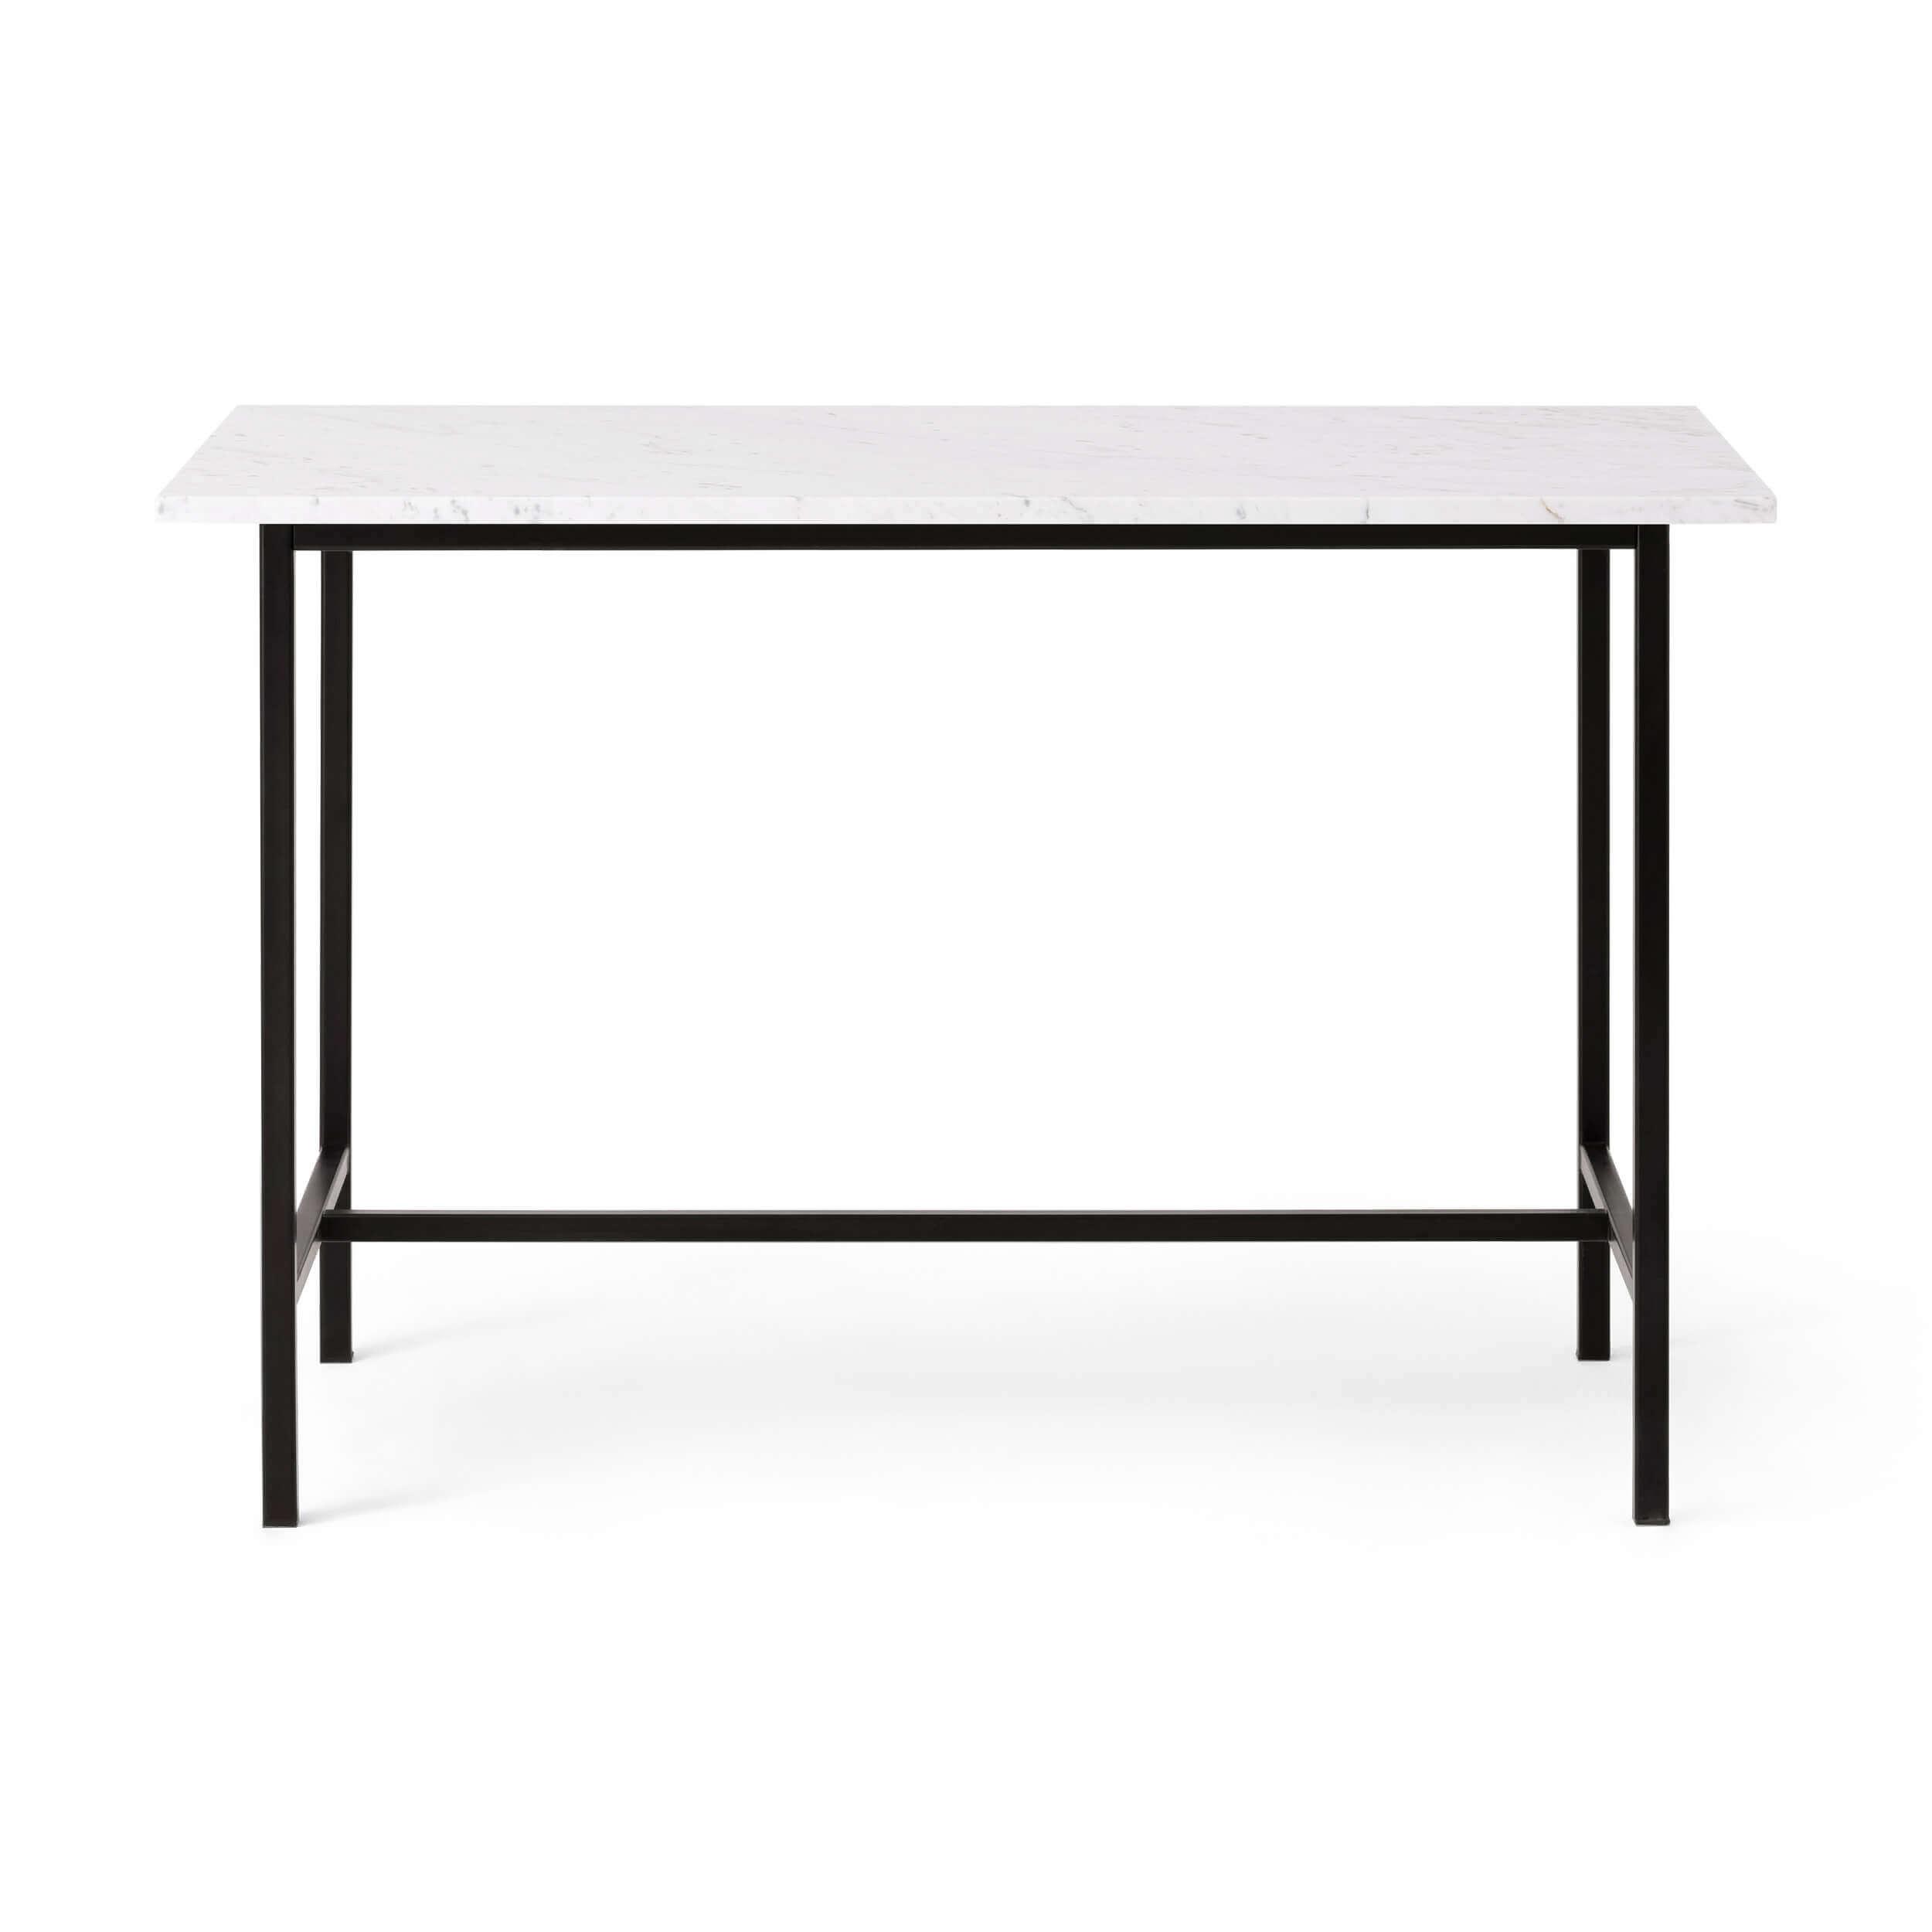 Delicieux Table De Comptoir Kendall